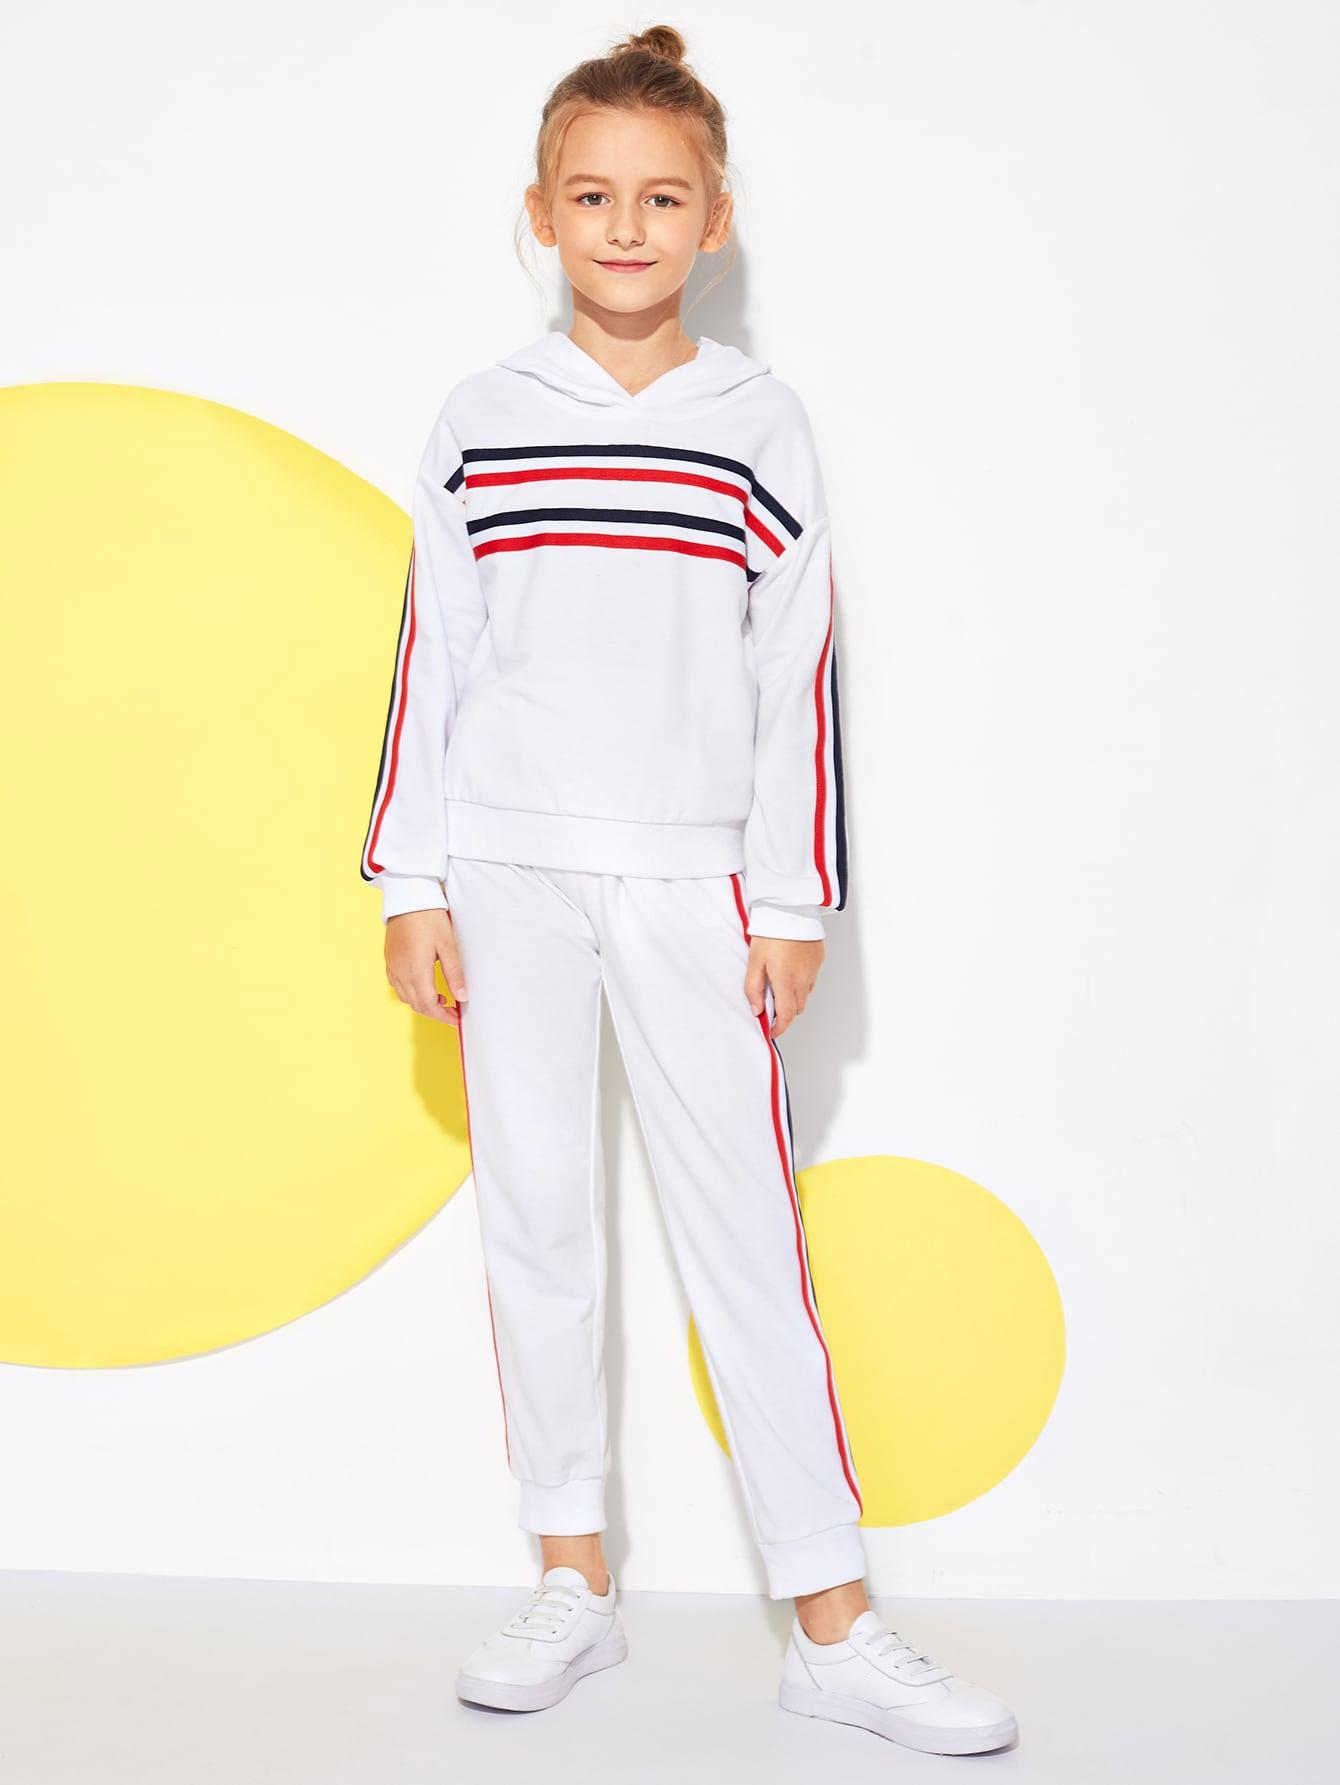 Купить Топ с полосатым низом и брюки комплект для девочек, Sashab, SheIn